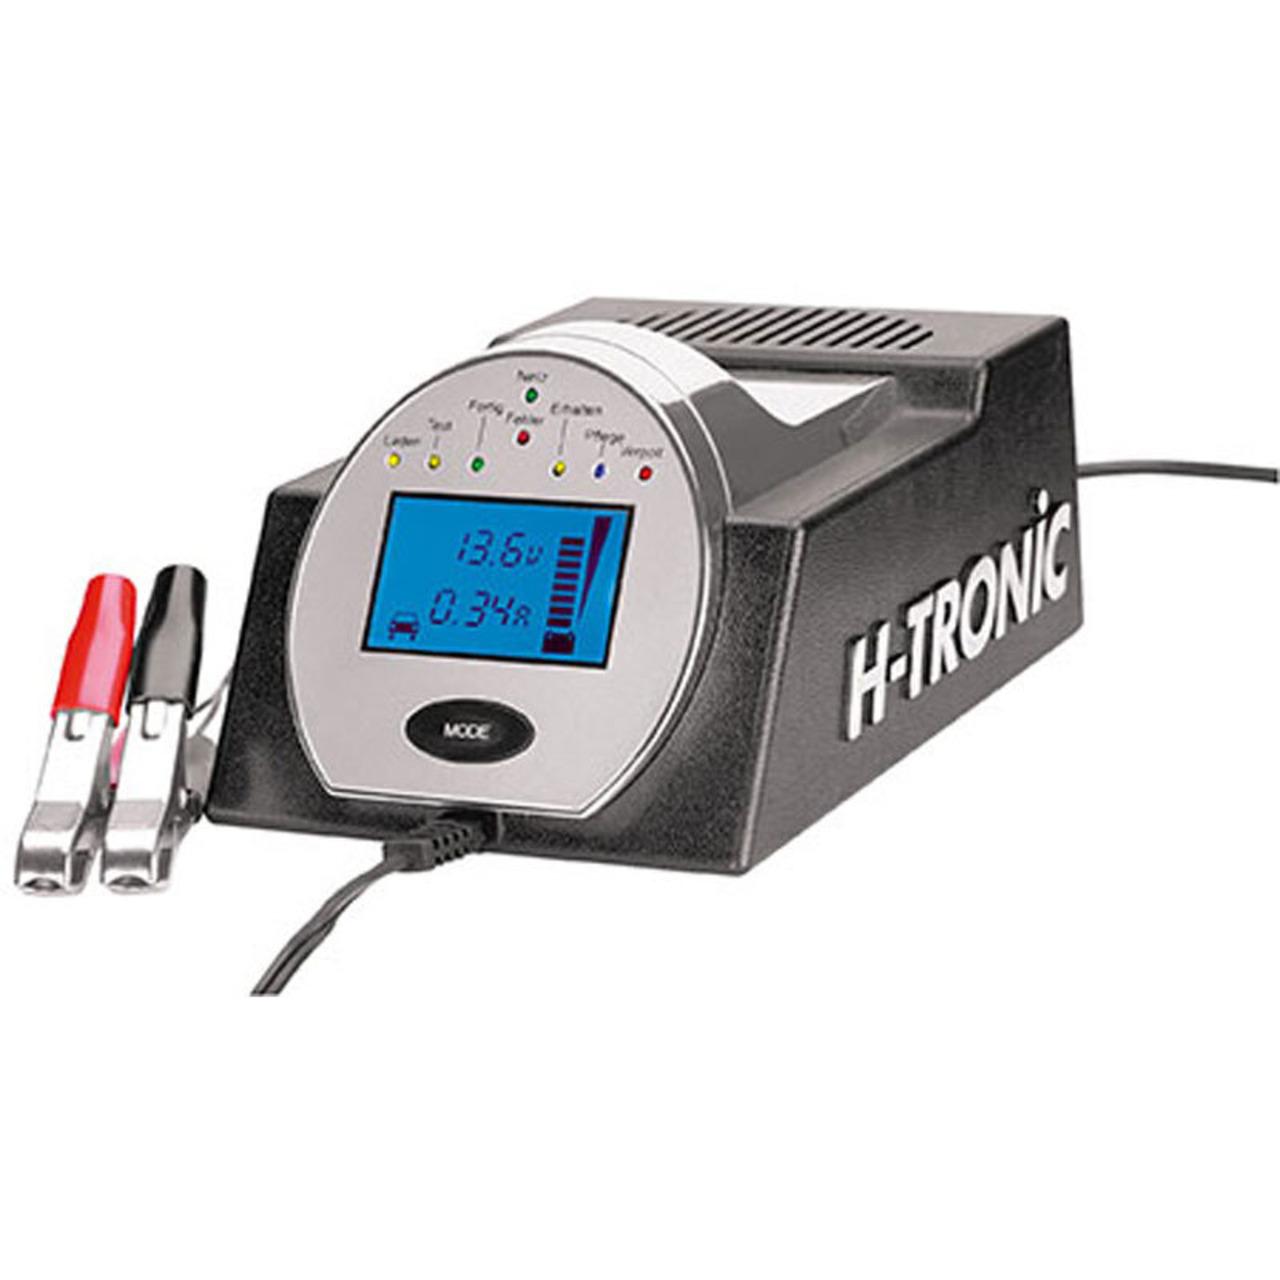 H-Tronic HTDC 5000 3in1 Ladegerund-228 t fund-252 r Kfz-Bleiakkus